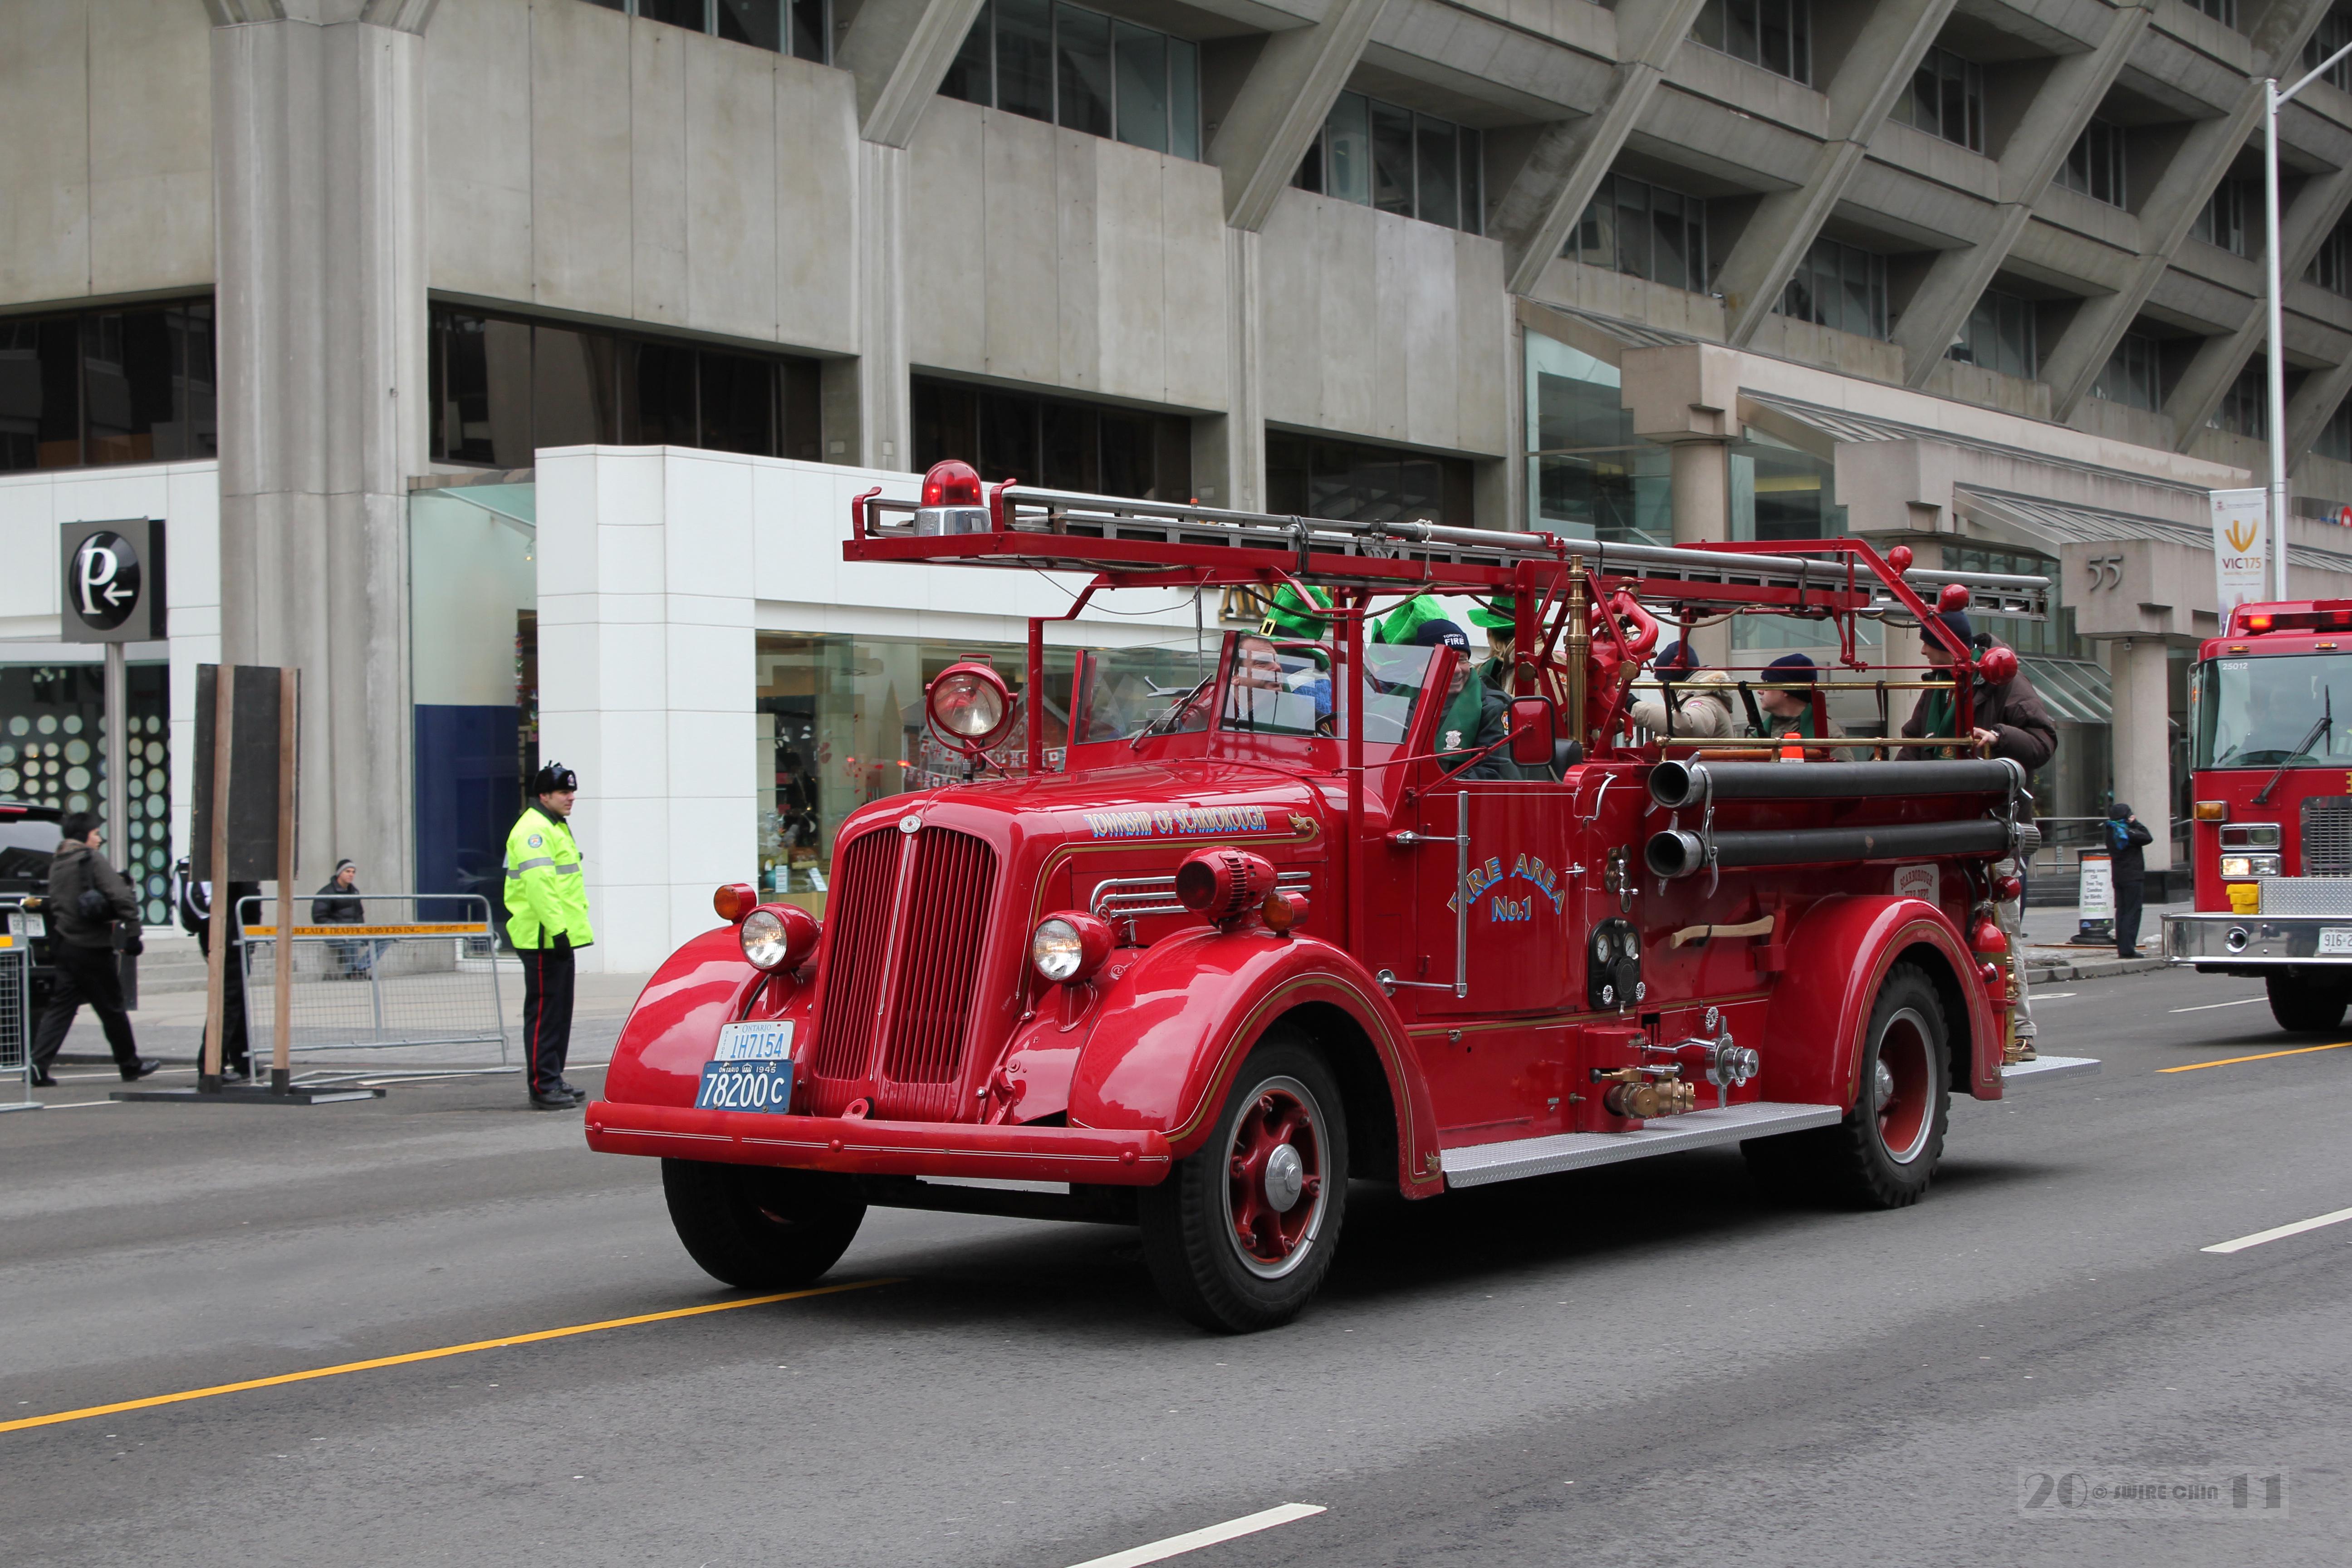 Vehicles   Fire Truck Wallpaper 5184x3456